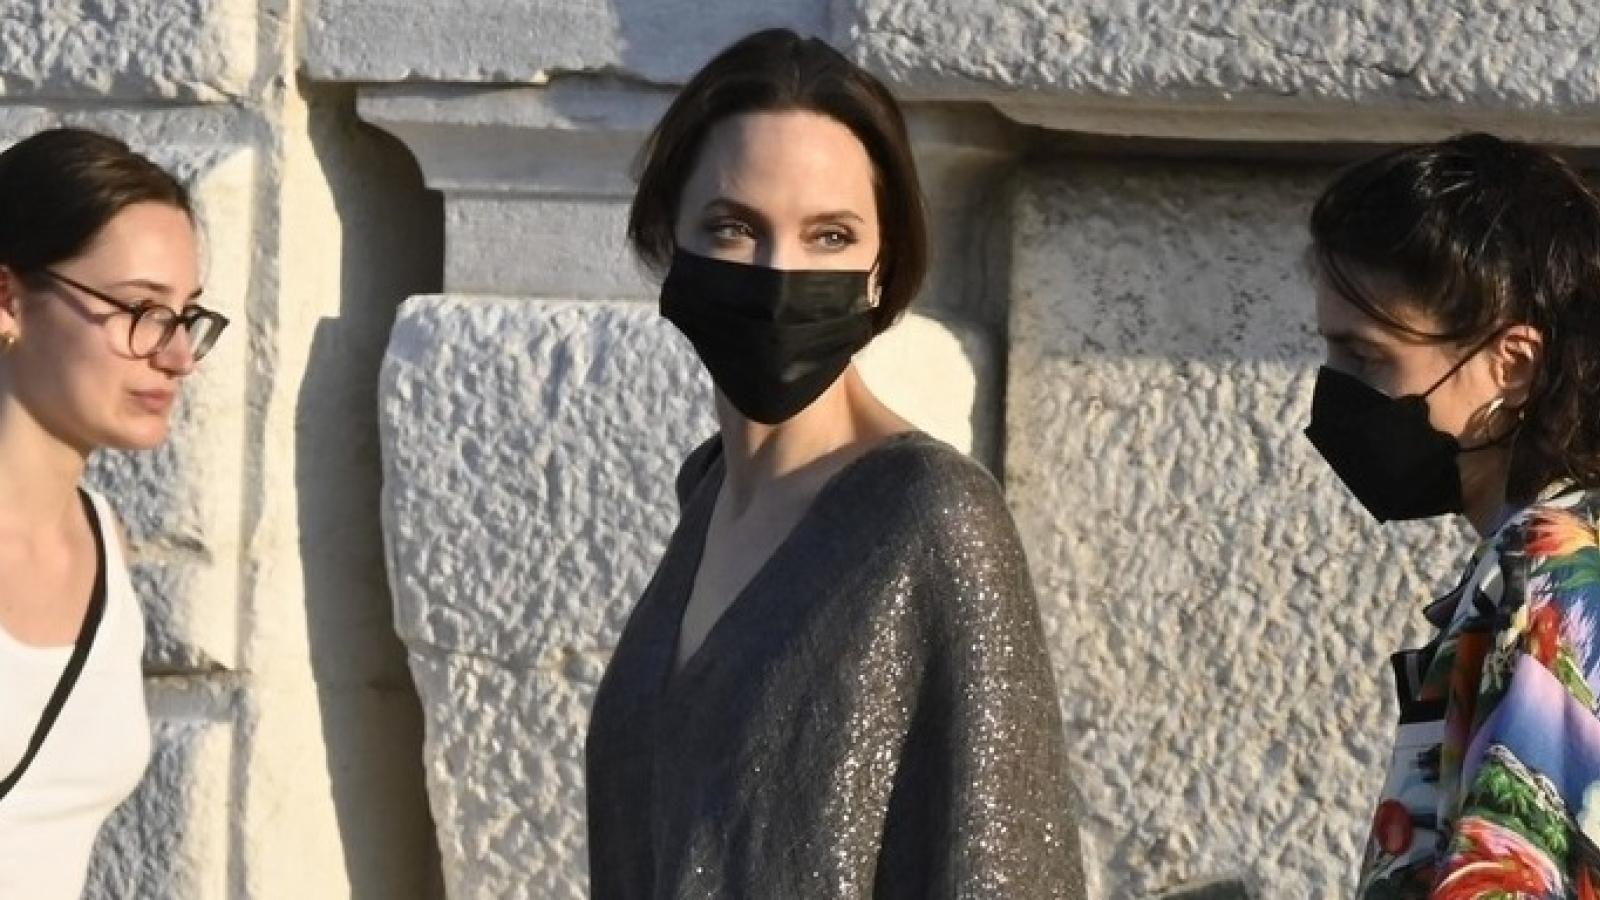 Angelina Jolie phối đồ sang chảnh dạo chơi ở Italy